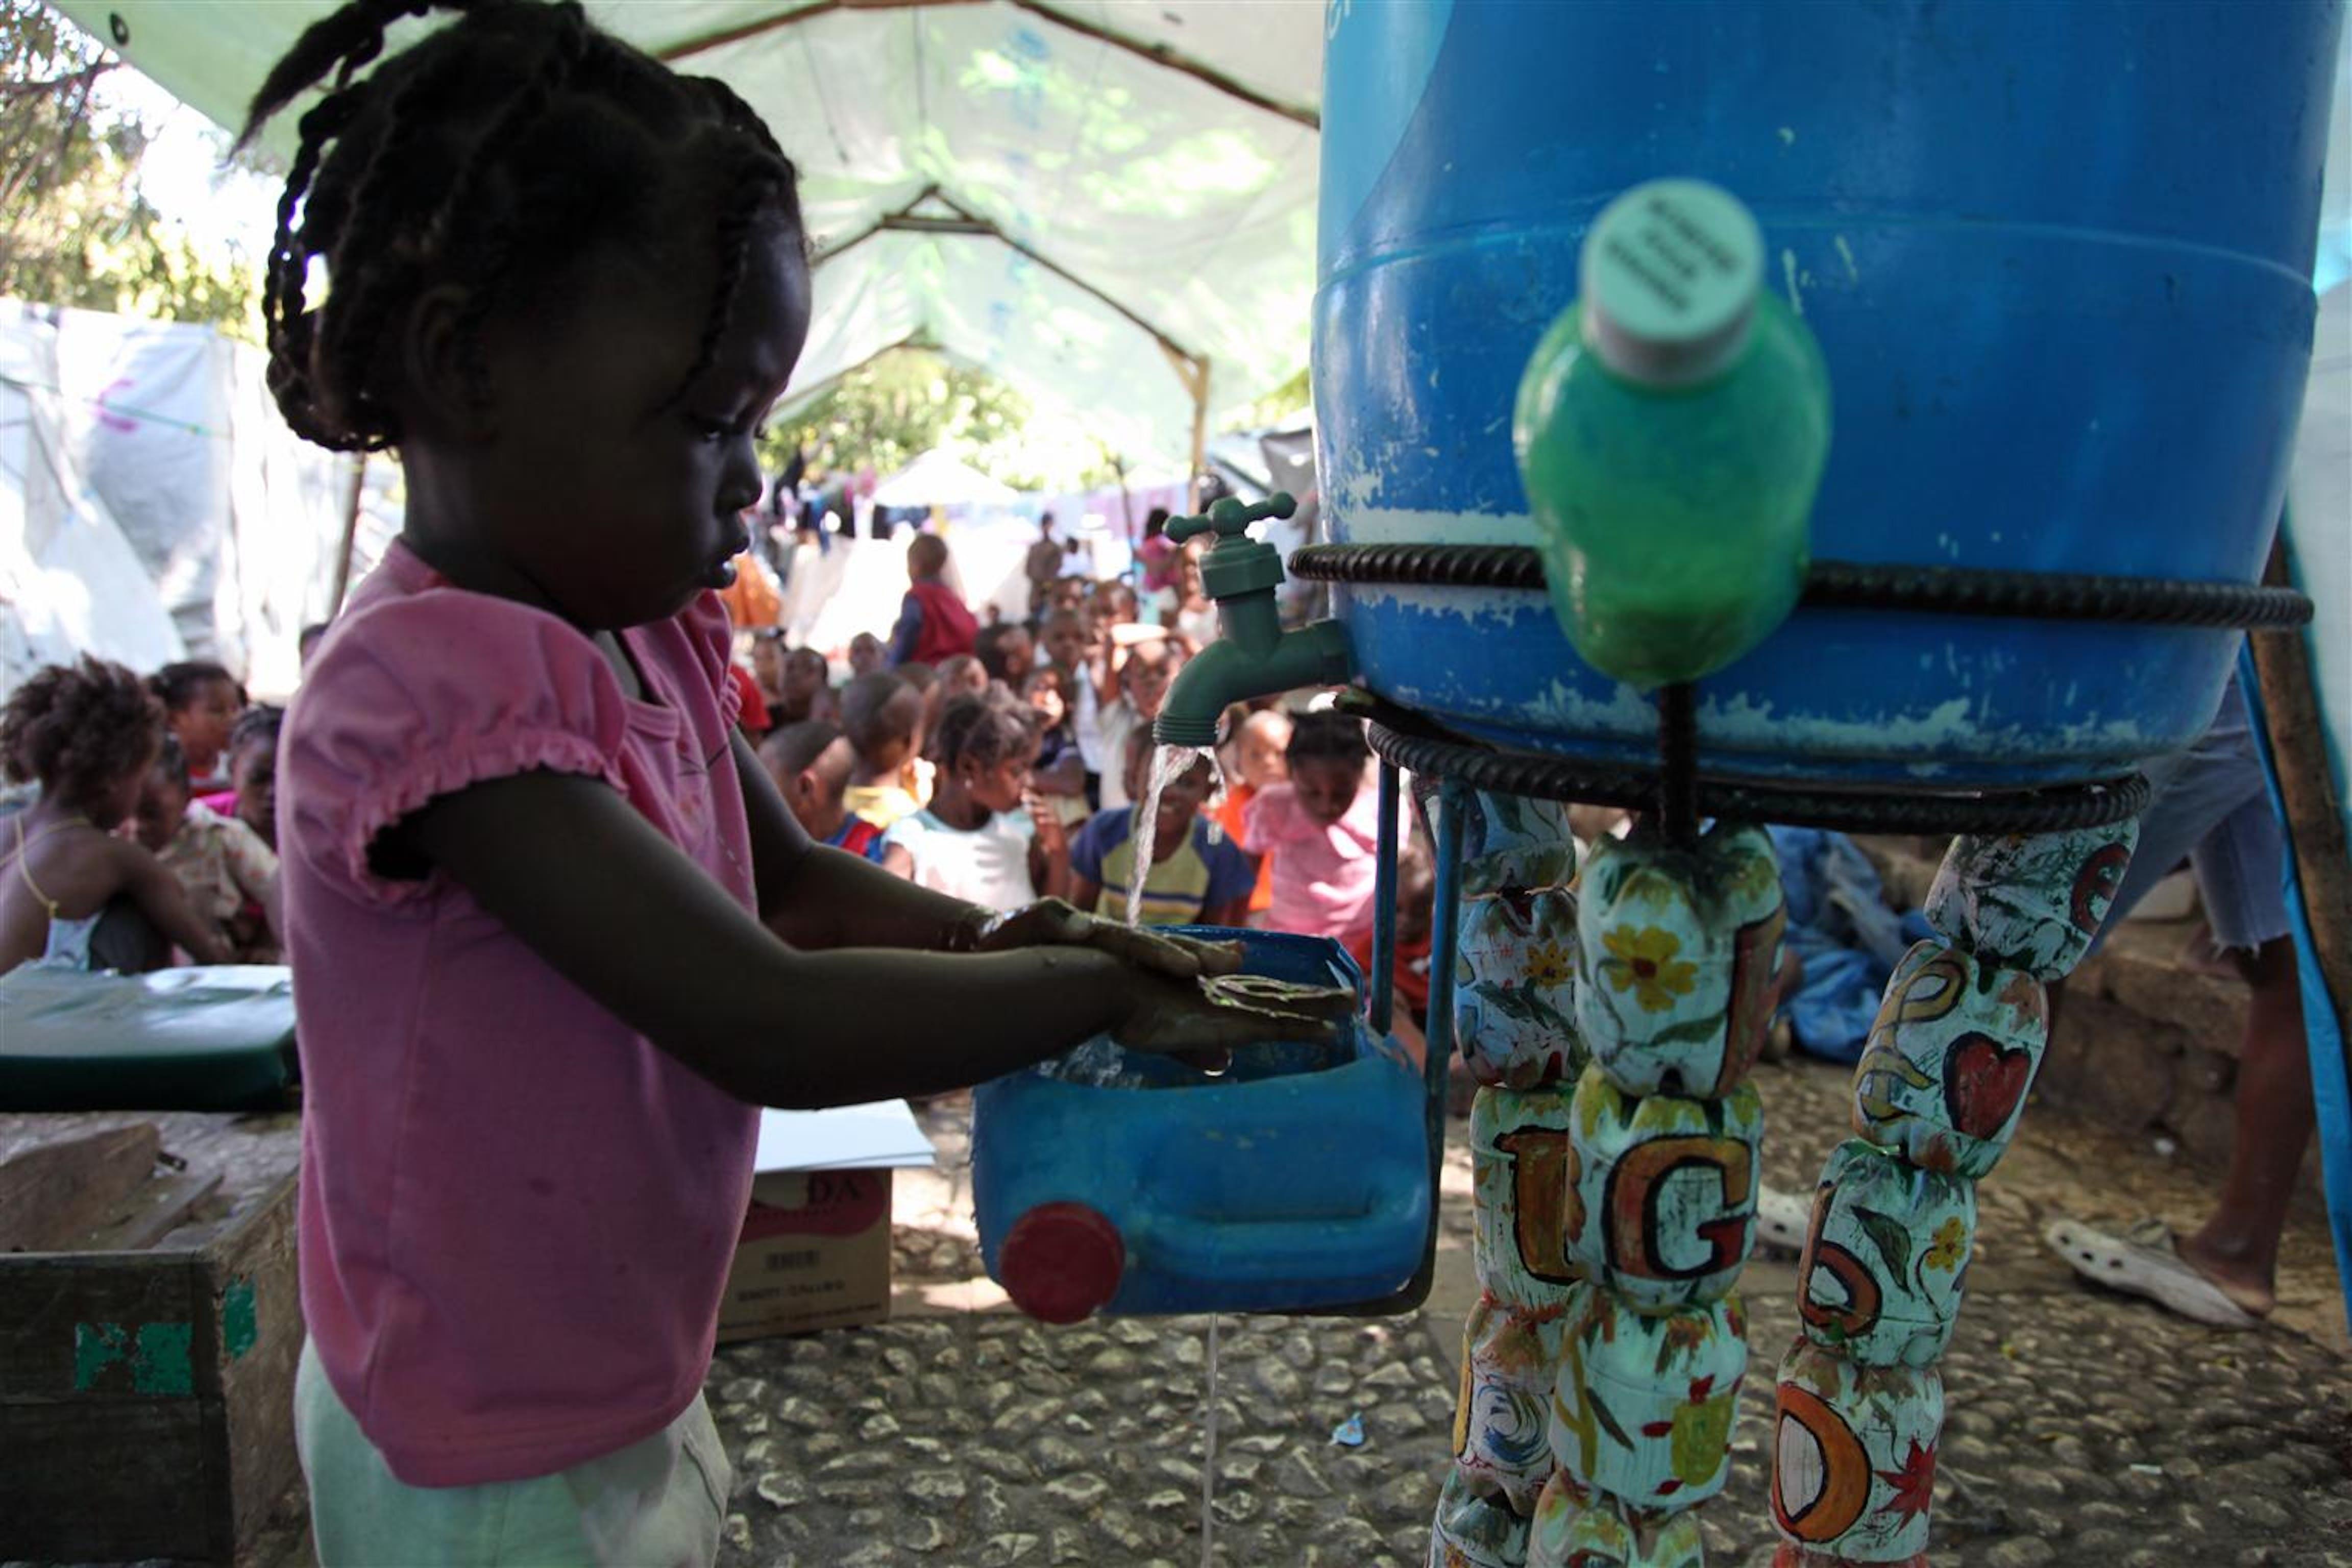 Una bambina prende l'acqua da una cisterna installata dall'UNICEF nel campo per sfollati di Pétionville, un quartiere della capitale di Haiti - ©UNICEF/NYHQ2010-2665/R.LeMoyne